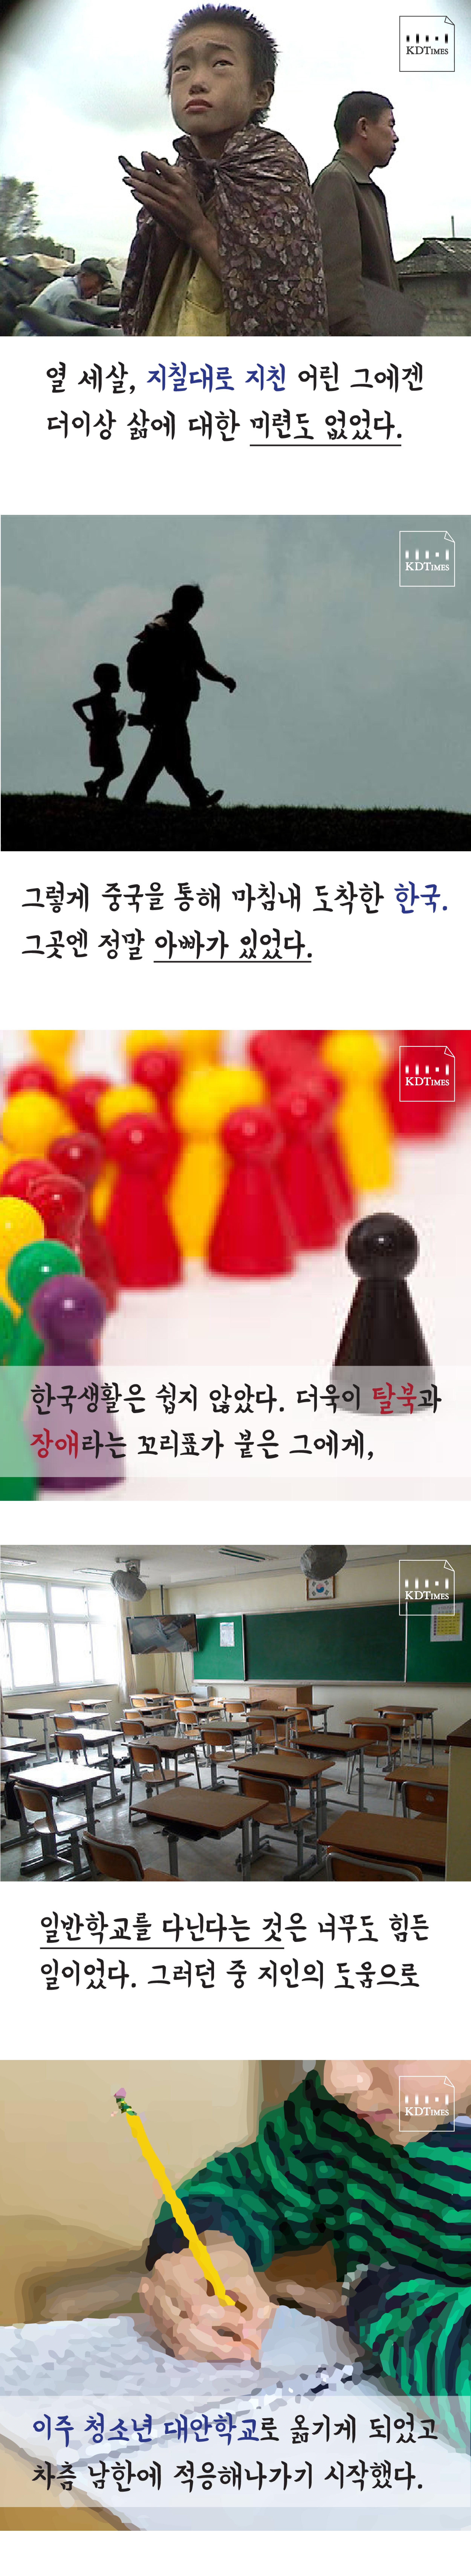 최광혁_kdt-04.jpg